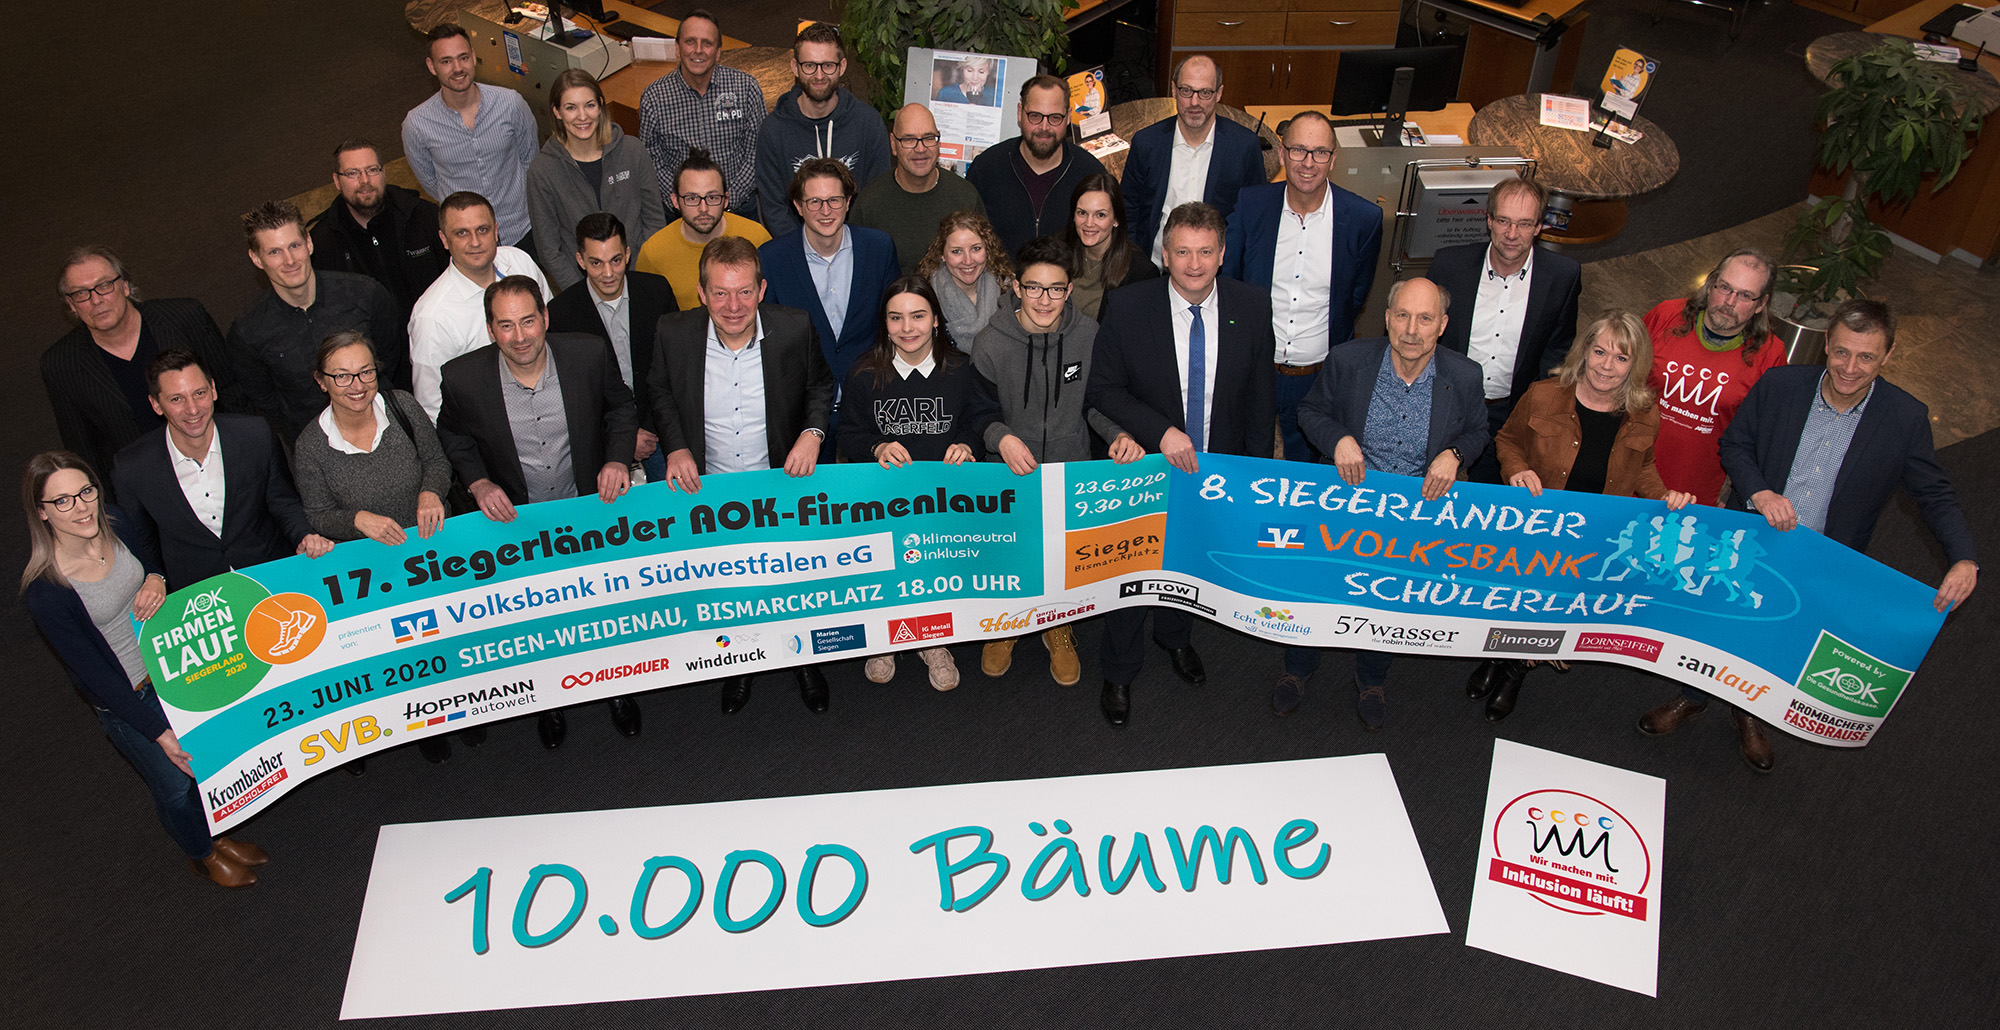 Große Pressekonferenz 17. Siegerländer AOK-Firmenlauf & 8. Siegerländer Volksbank-Schülerlauf 2020